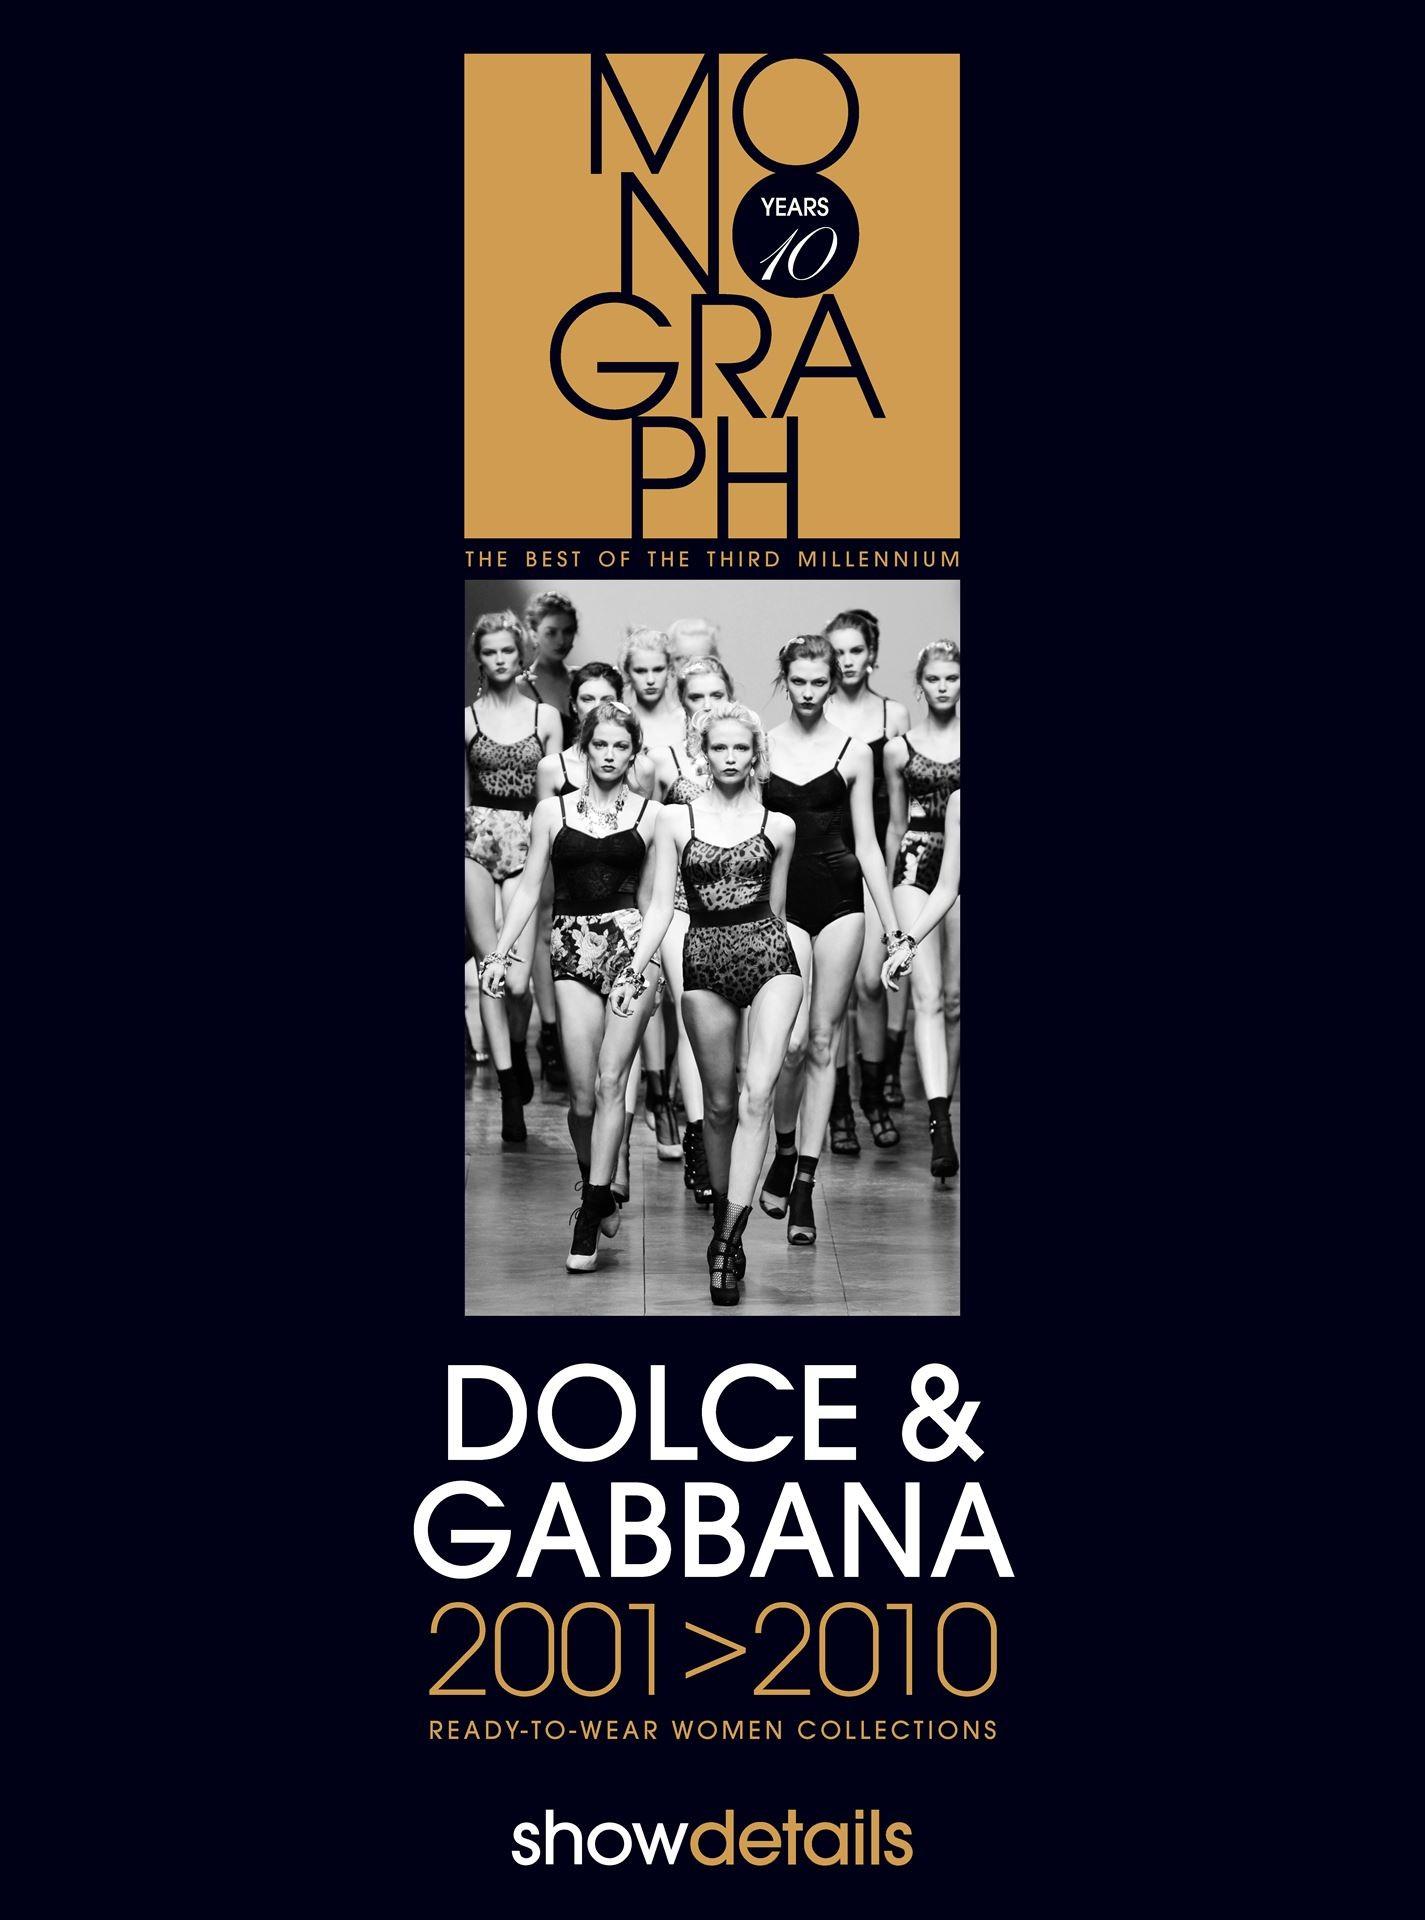 MONOGRAPH 'DOLCE & GABBANA'